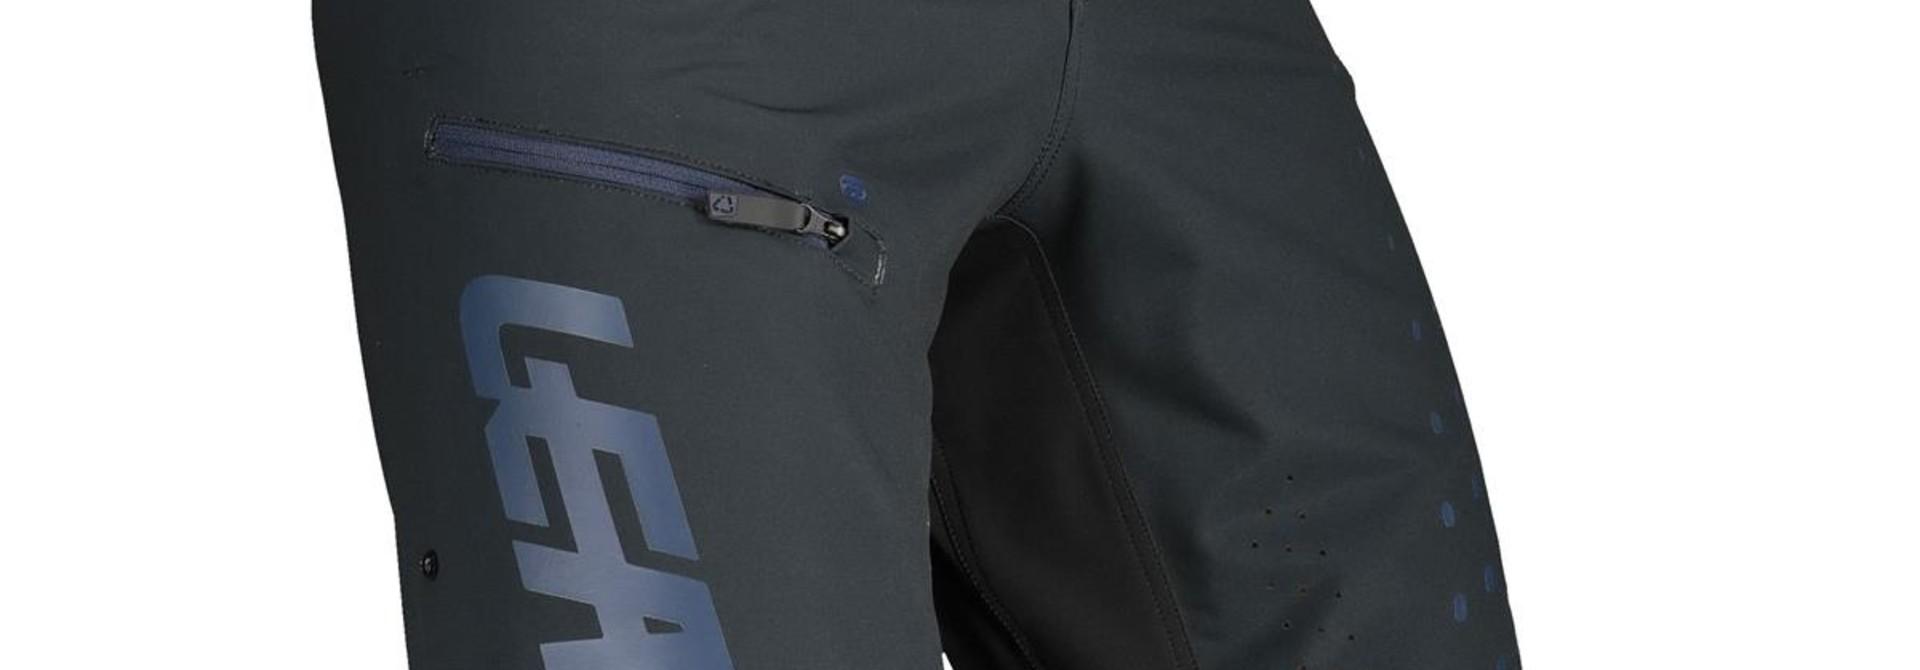 LEATT MTB 4.0 Shorts